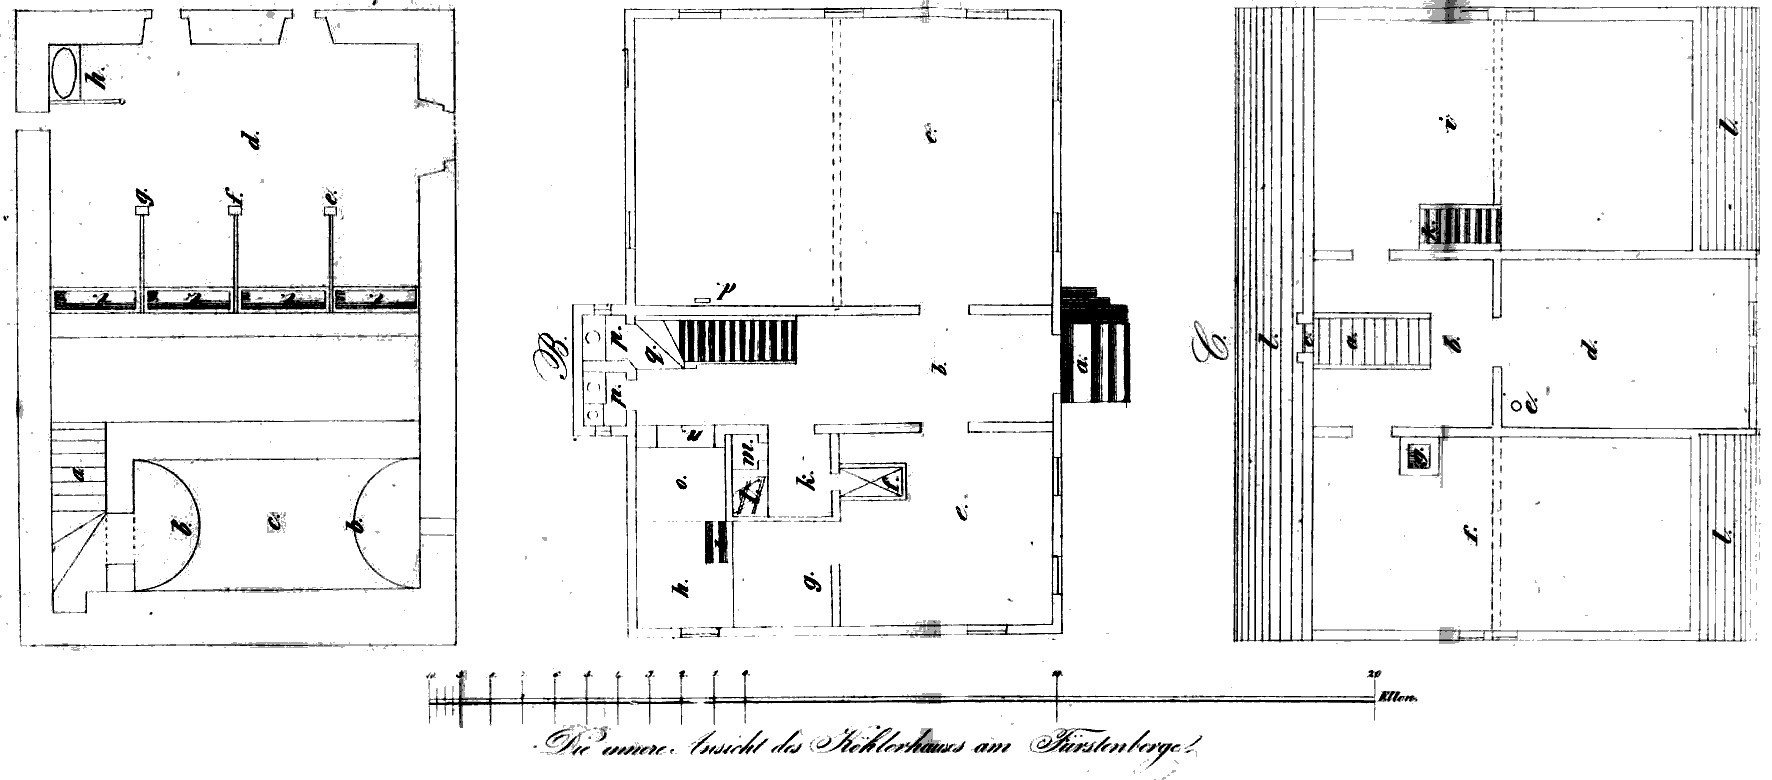 The Project Gutenberg eBook of Der sächsische Prinzenraub nach ...